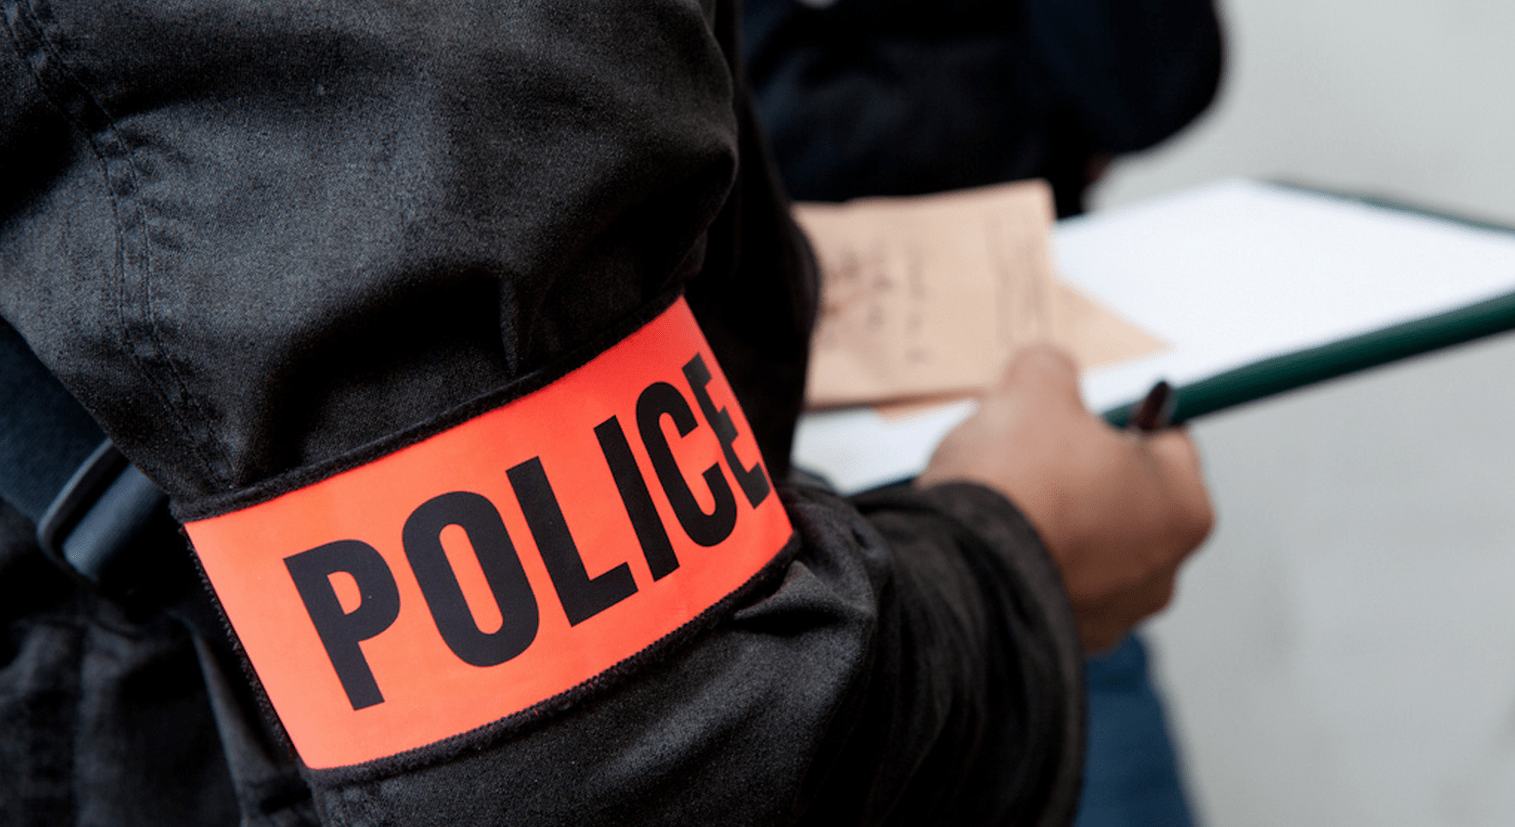 L'enquête de police va devoir faire toute la lumière sur les circonstances dans lesquelles le quadragénaire a été poignardé à sept reprises - Illustration